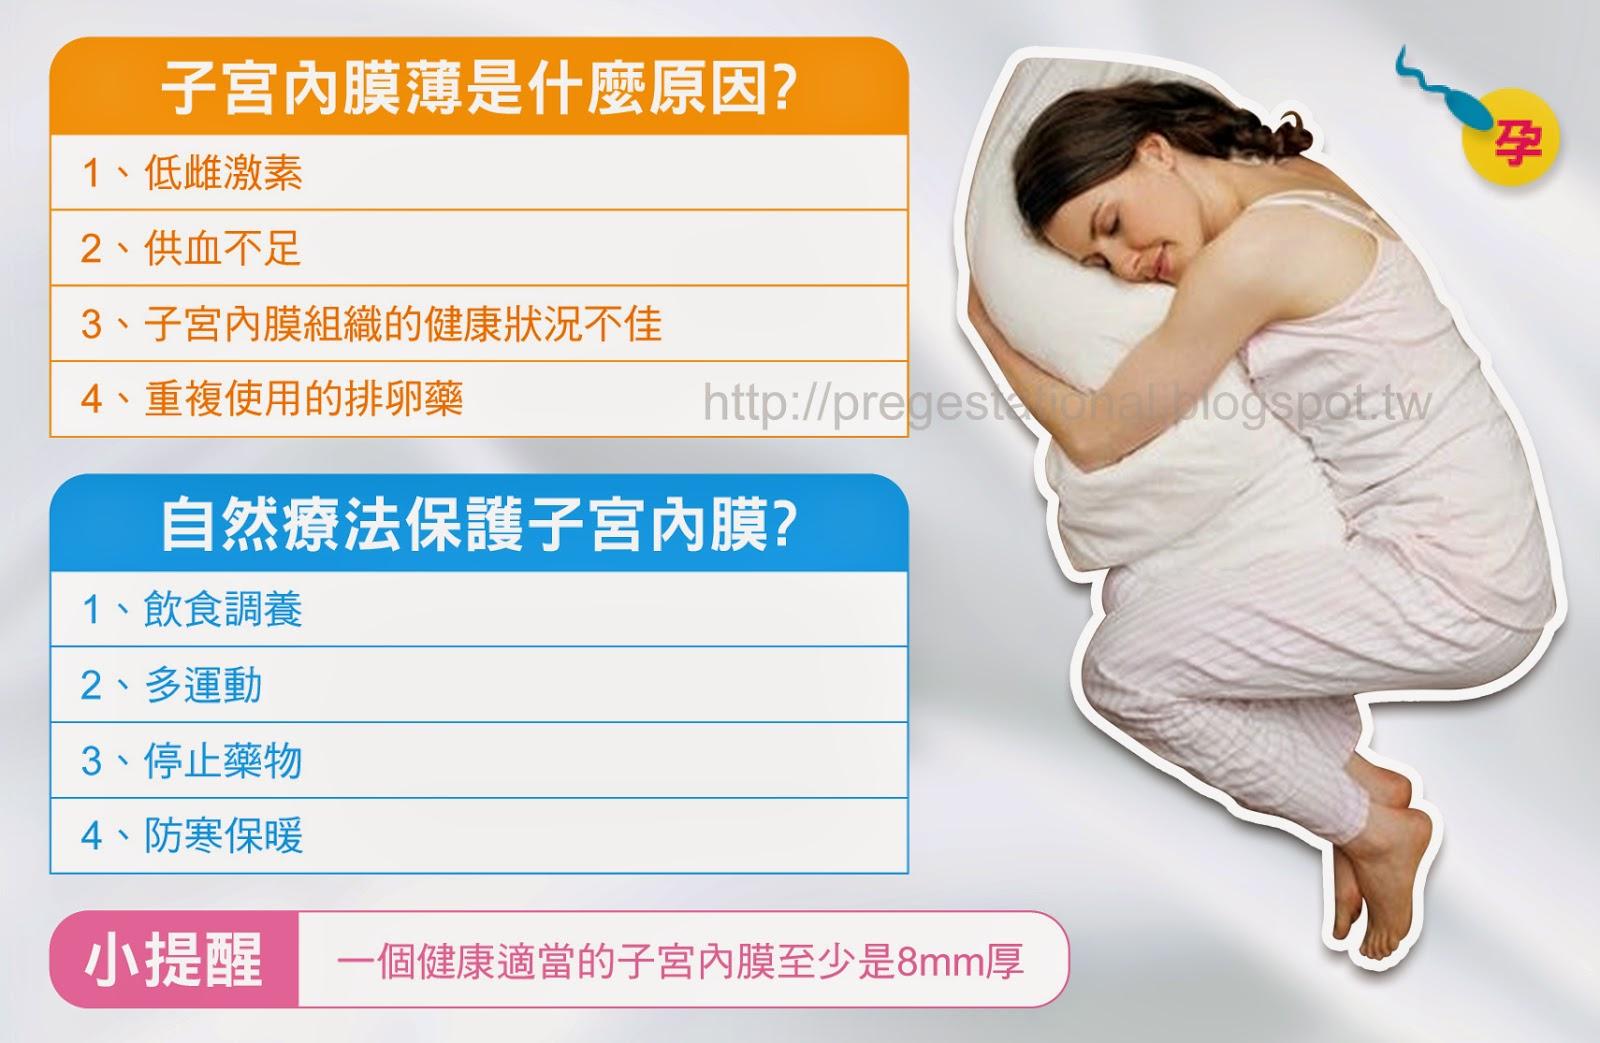 【備孕常見Q&A】吃排卵藥會影響內膜厚度嗎?